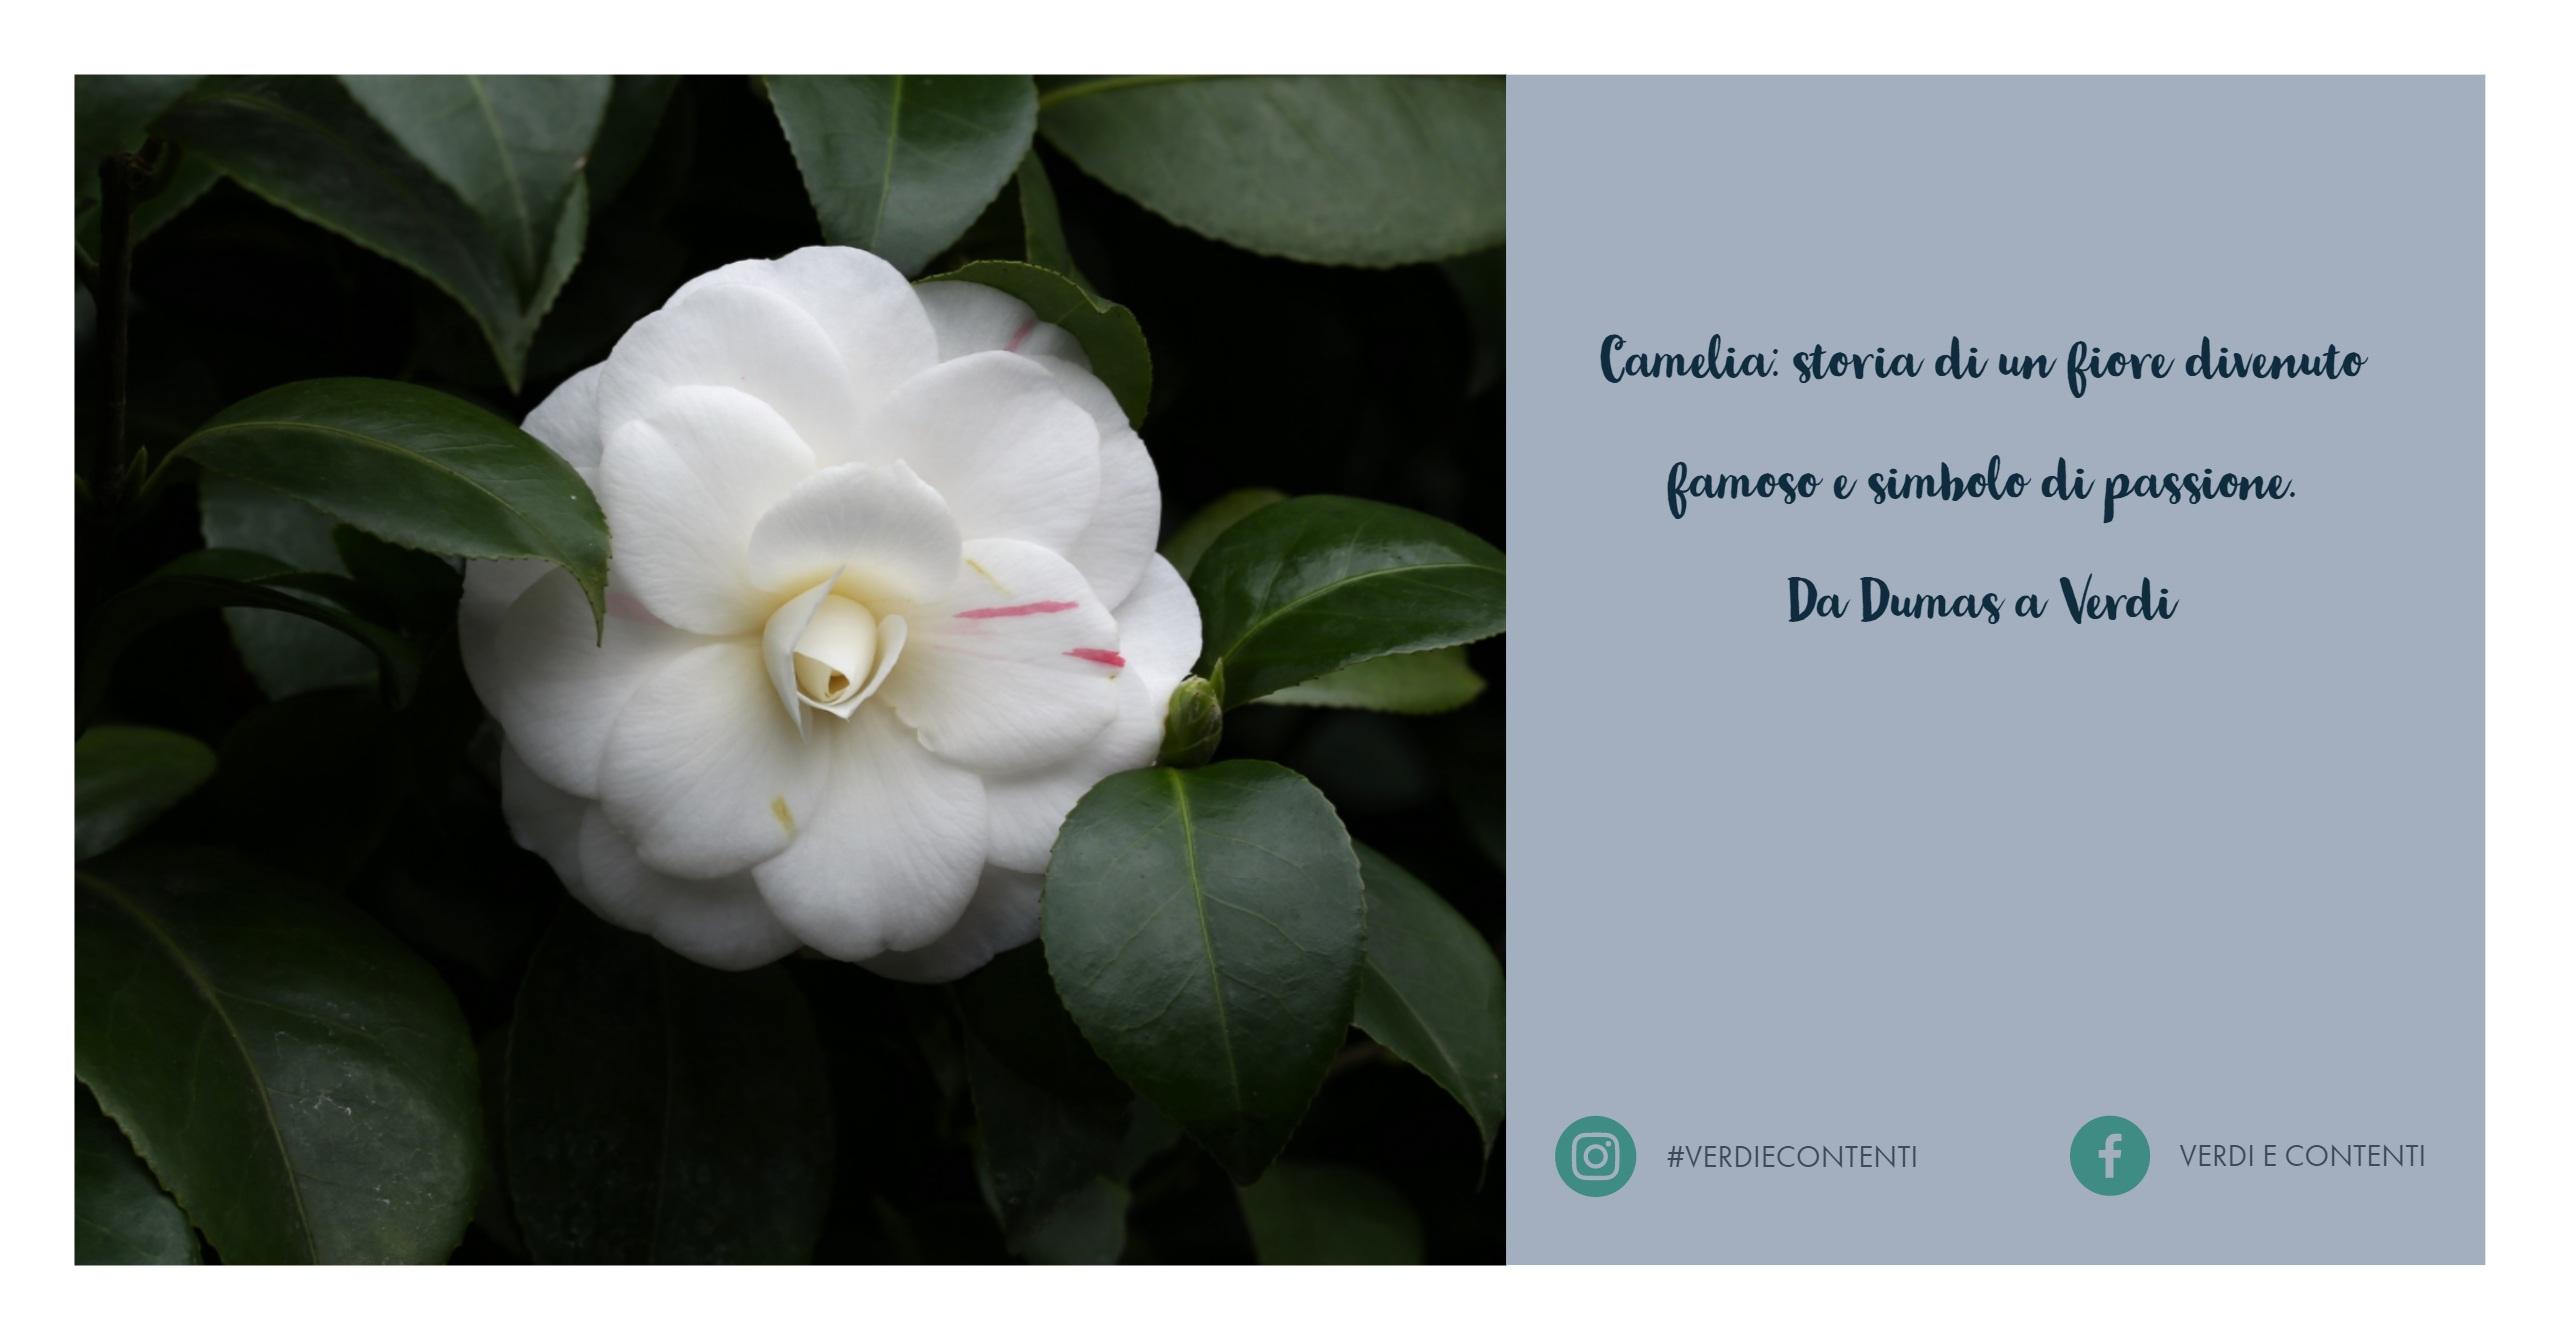 Camelie, storia di un fiore divenuto famoso.